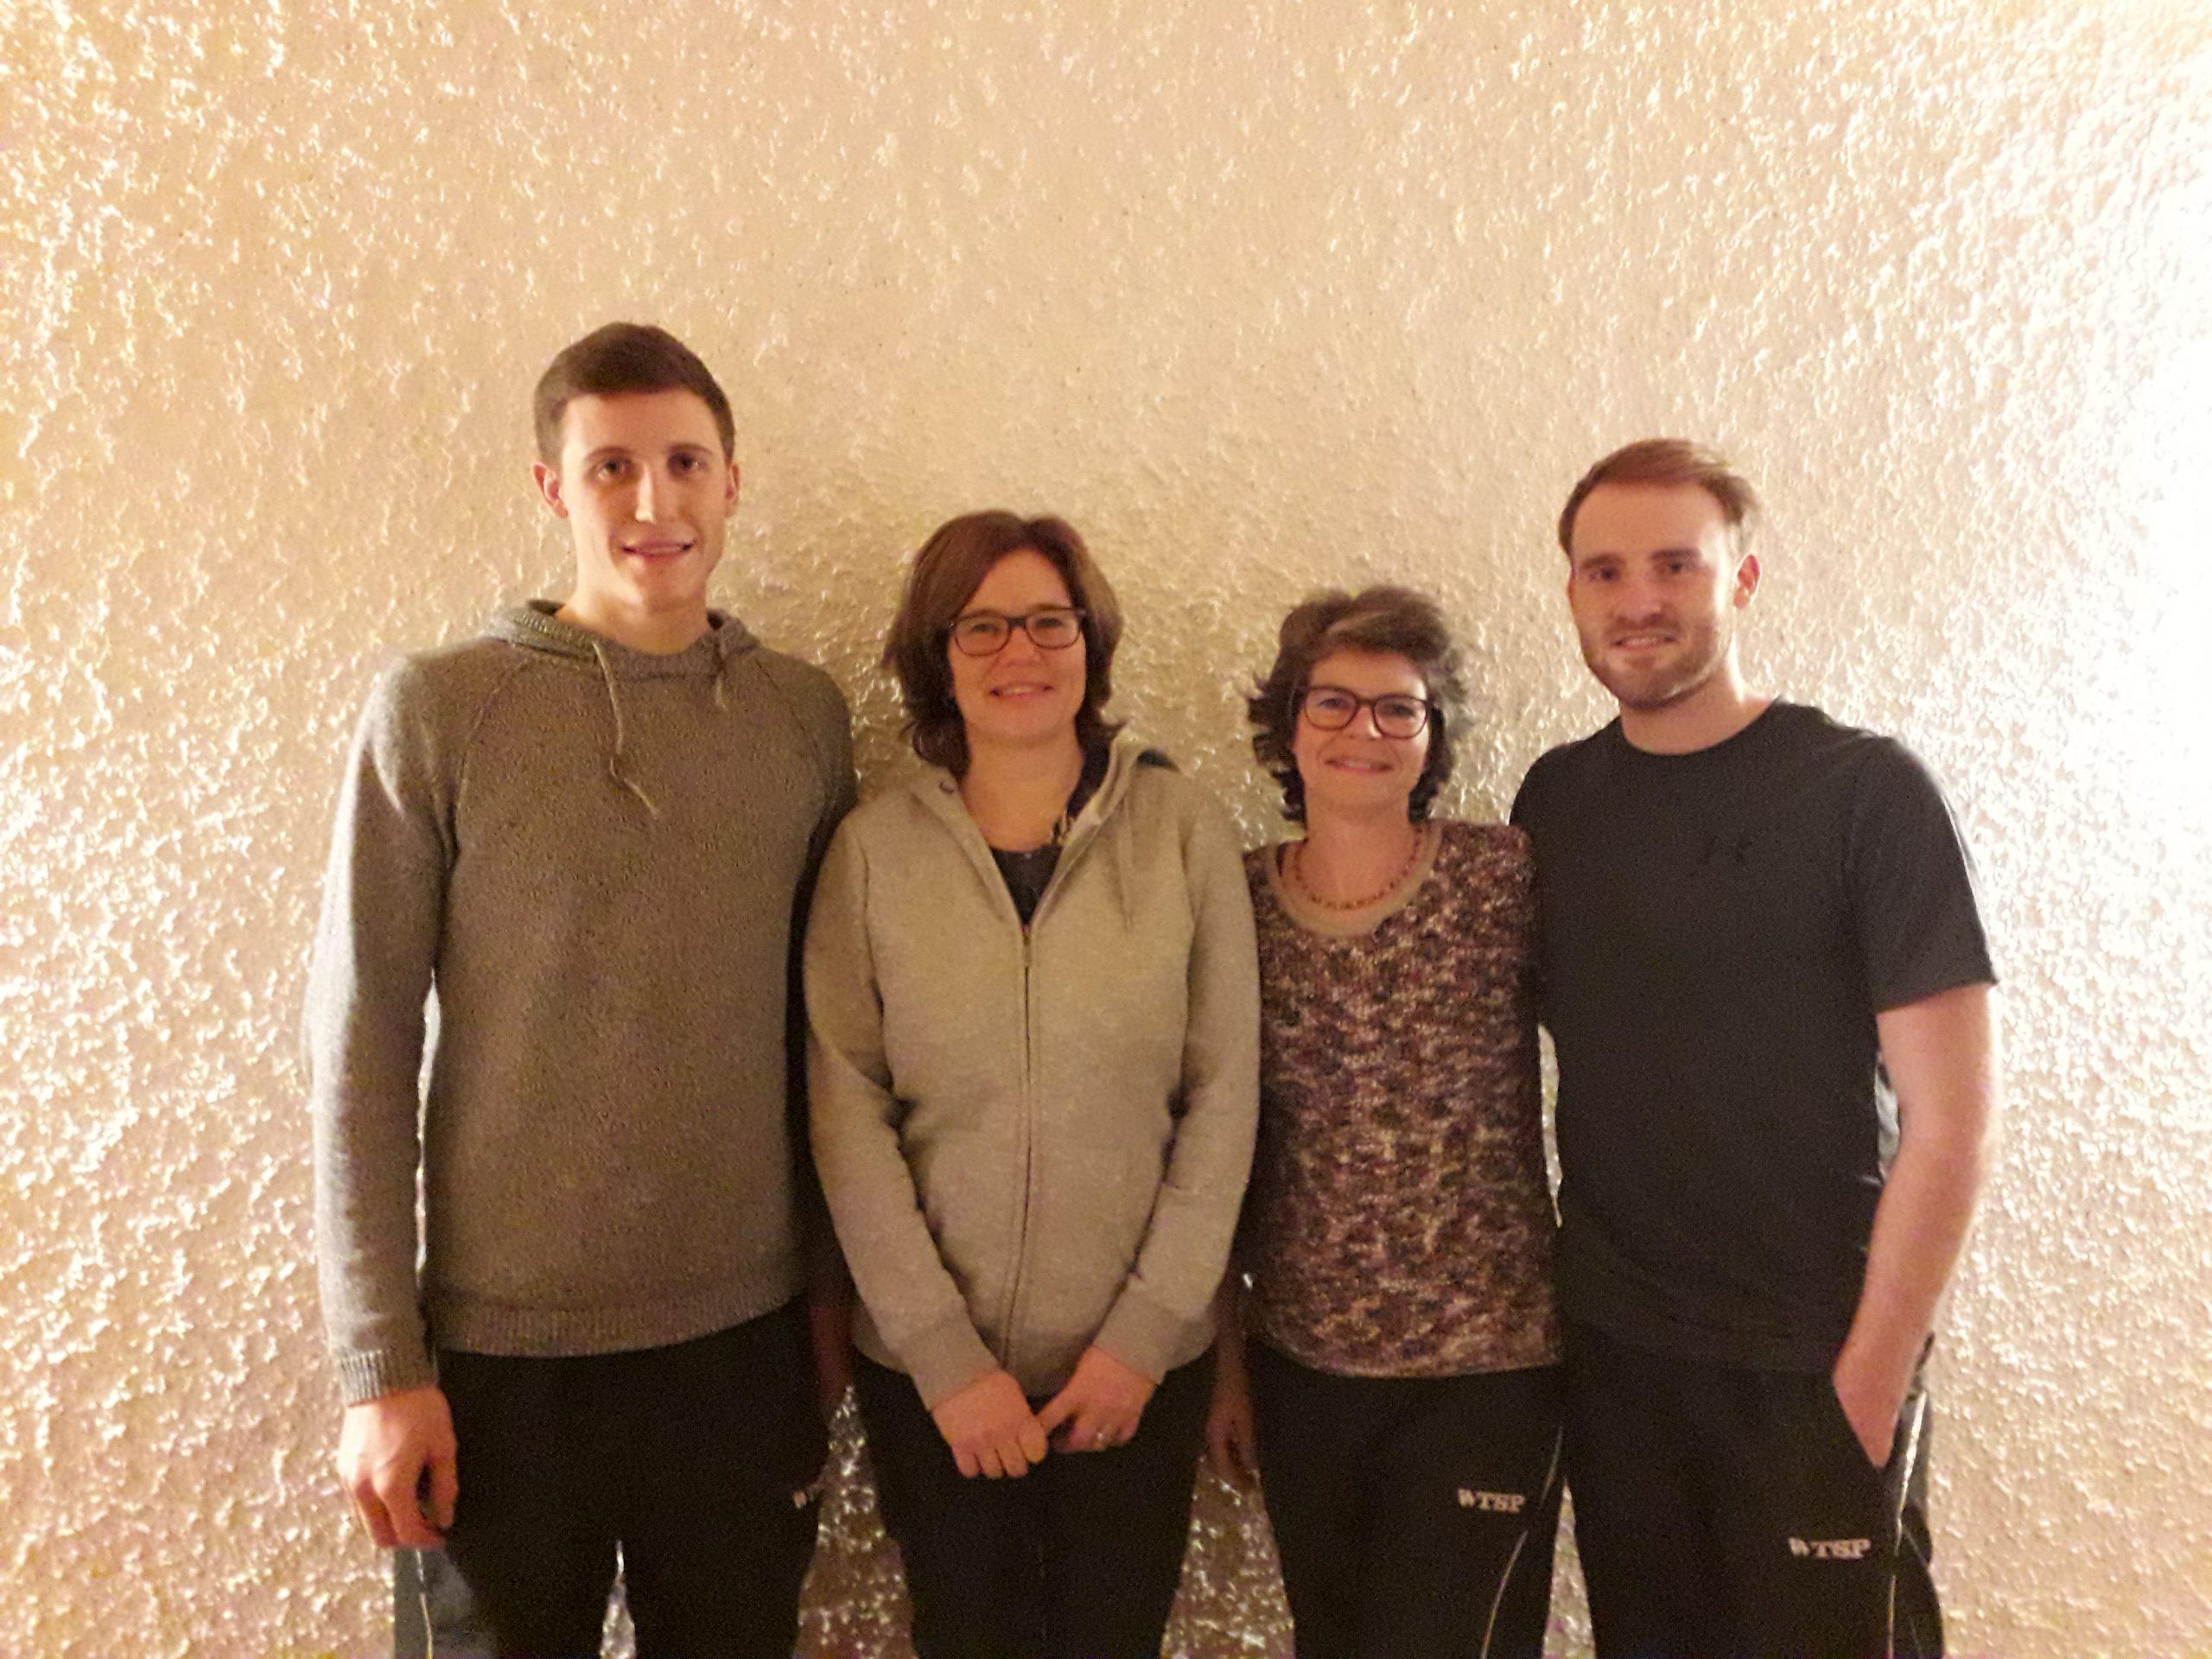 Sieger der Tischtennis Vereinsmeisterschaft in Gundelsheim